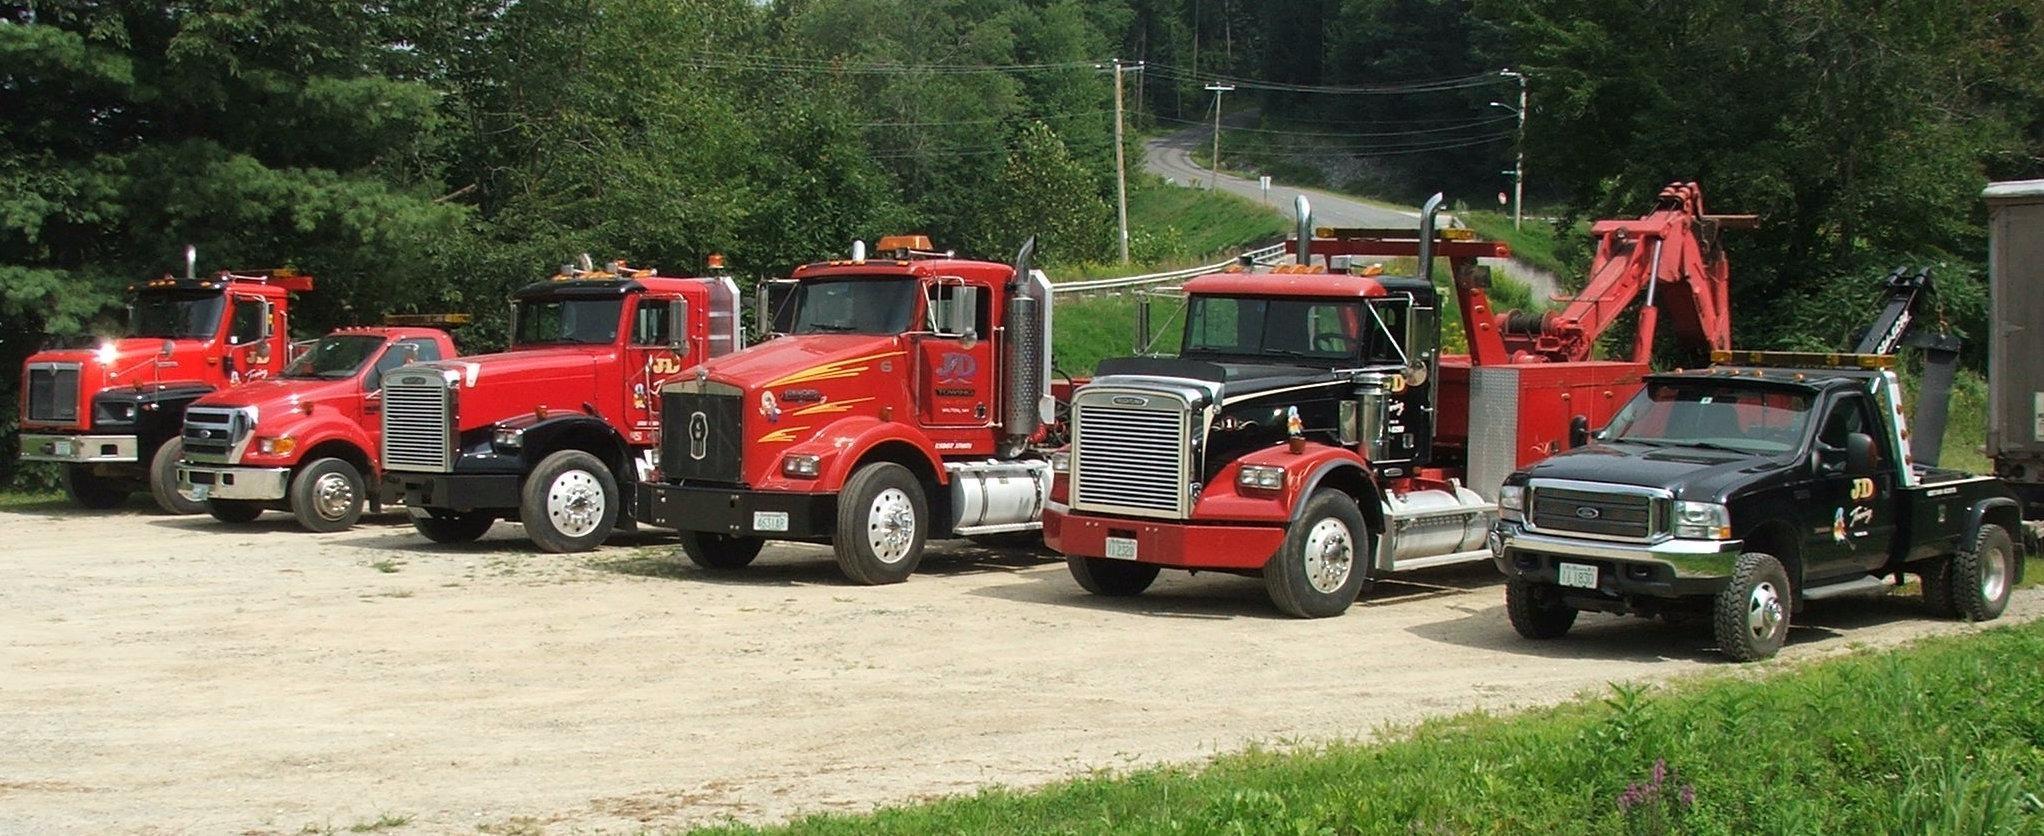 J&D Auto & Truck Repair image 1